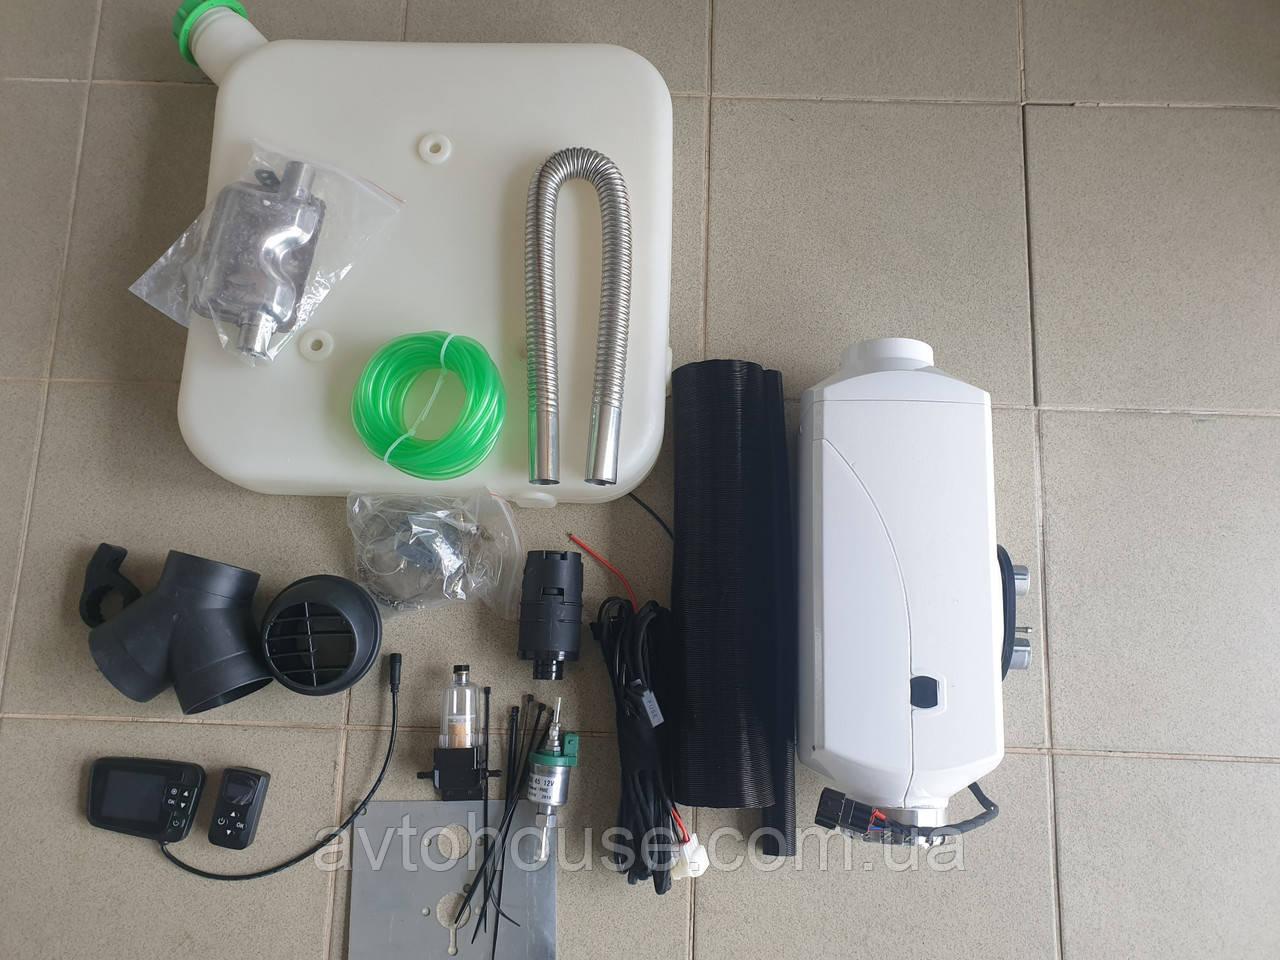 Автономка воздушная  5000W 12v .аналог Webasto, Eberspacher.Автономный воздушный отопитель